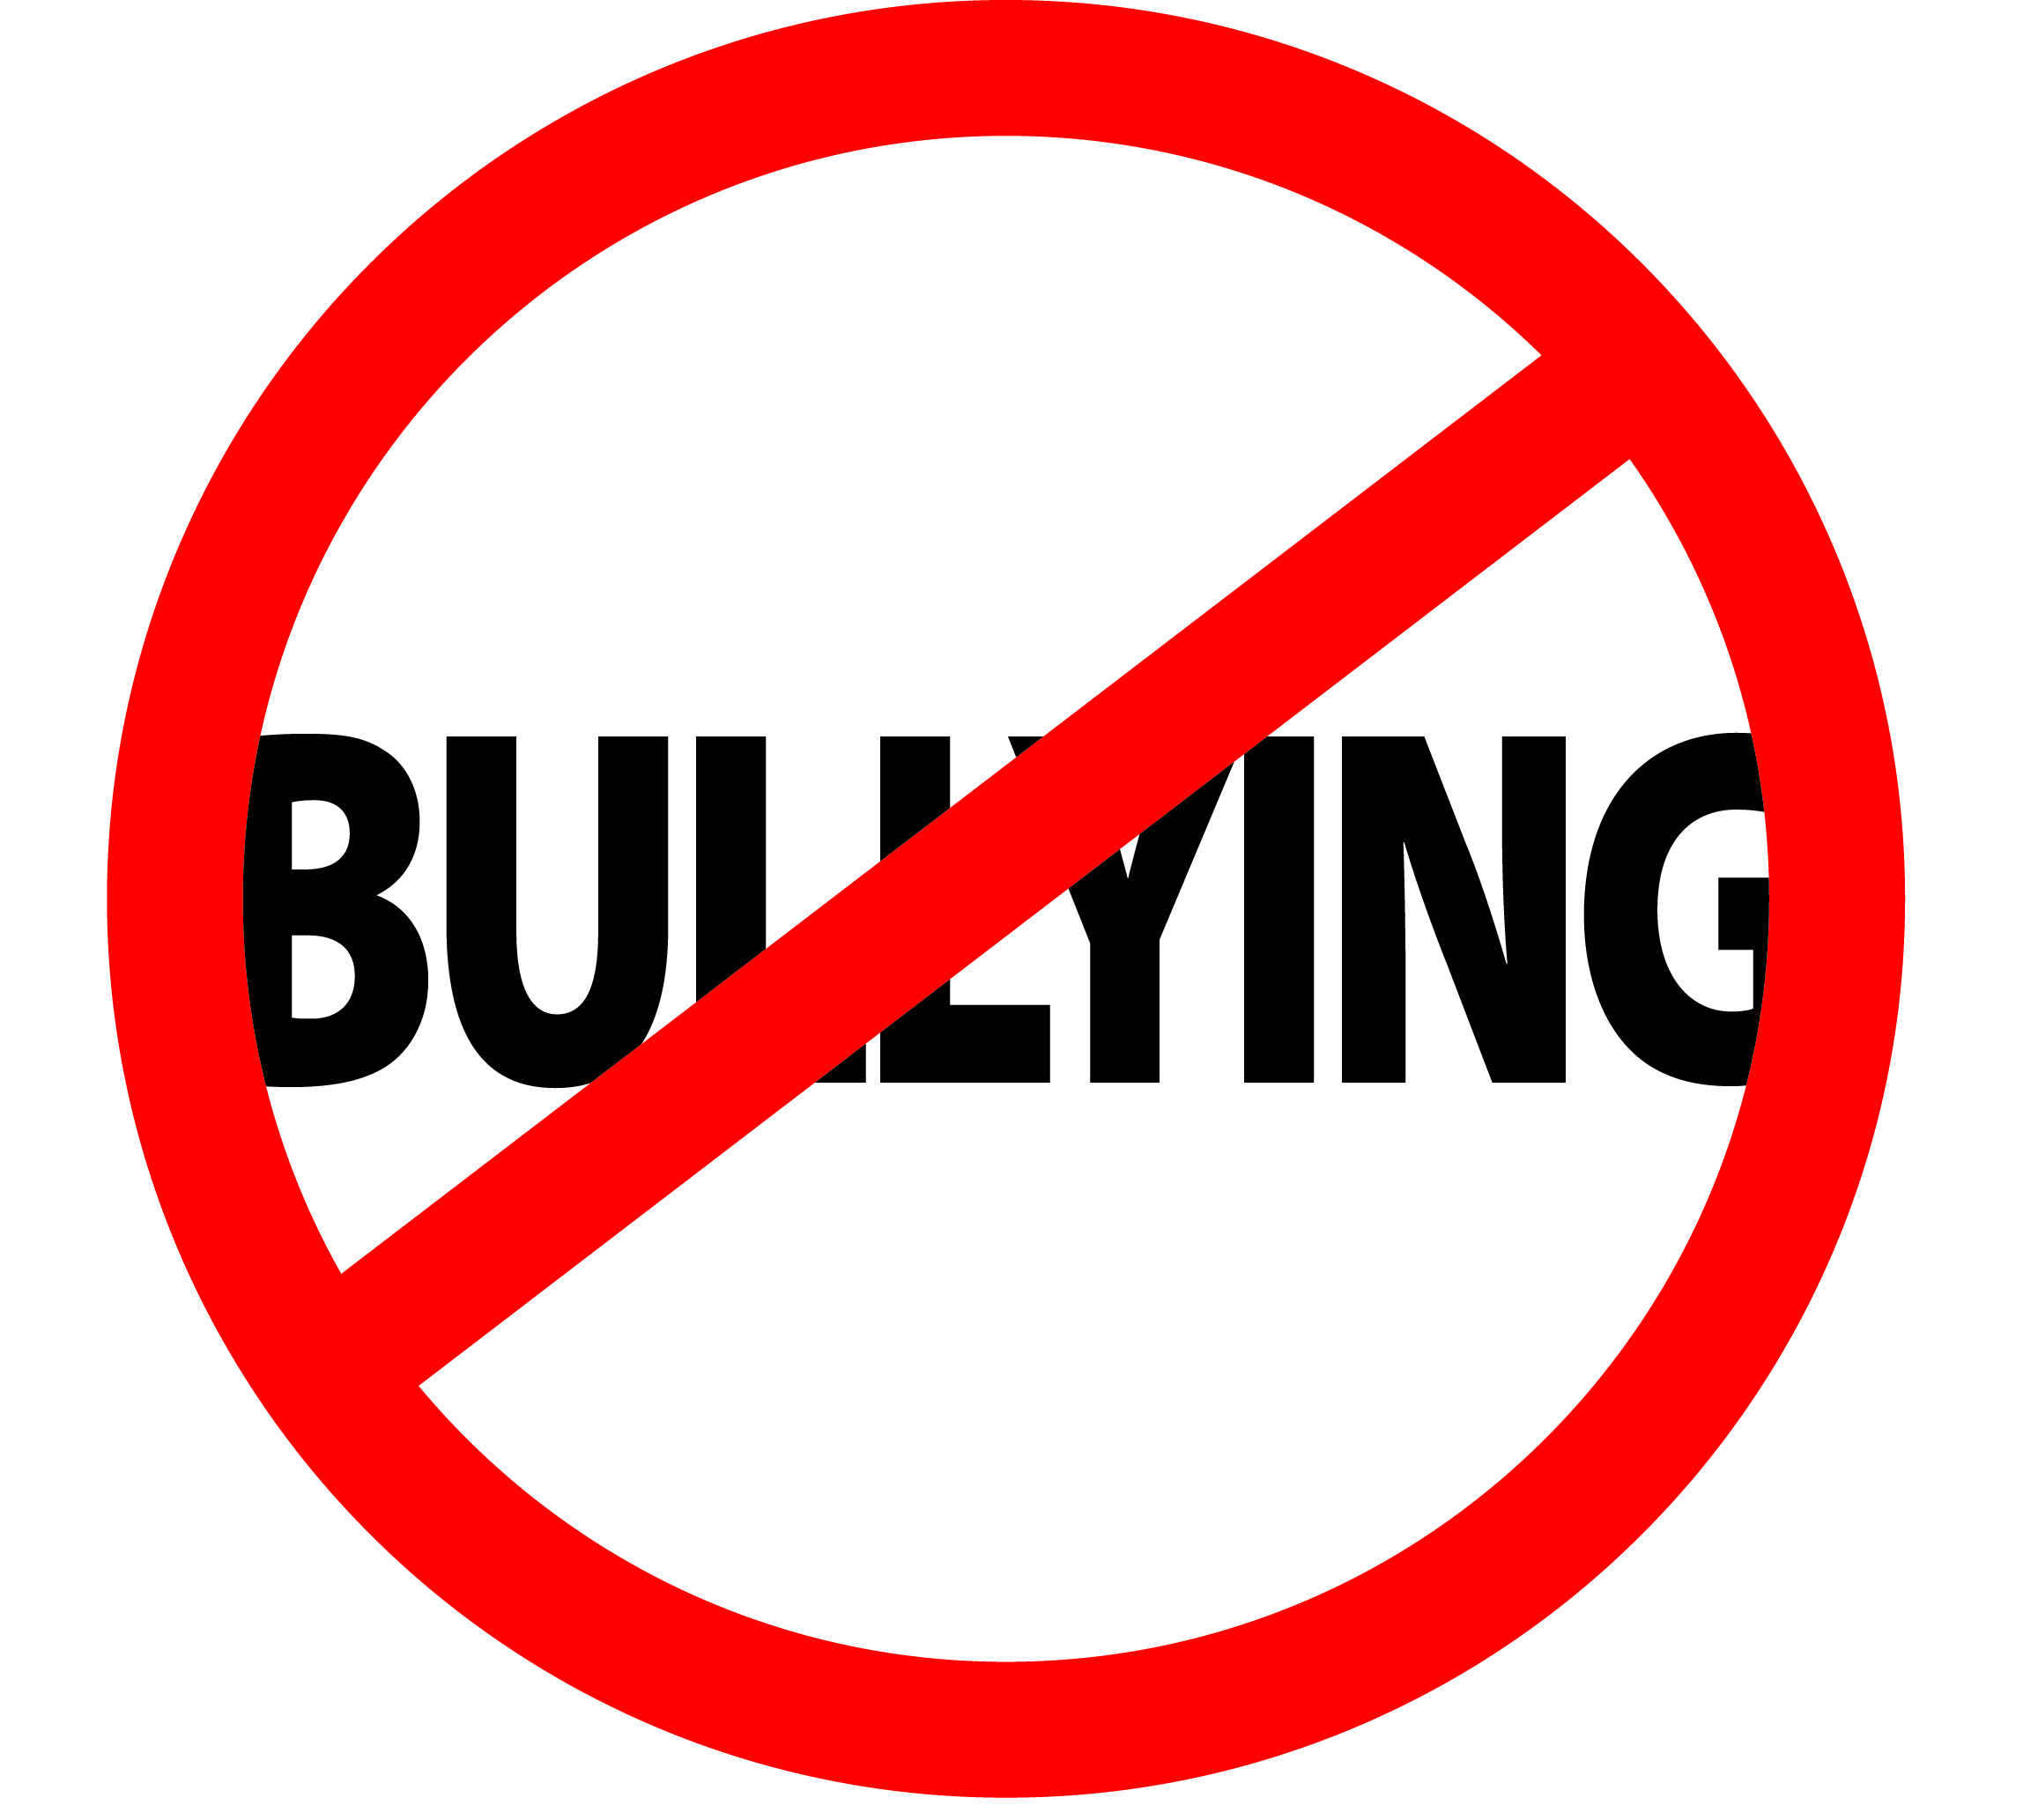 No Bullying Pic